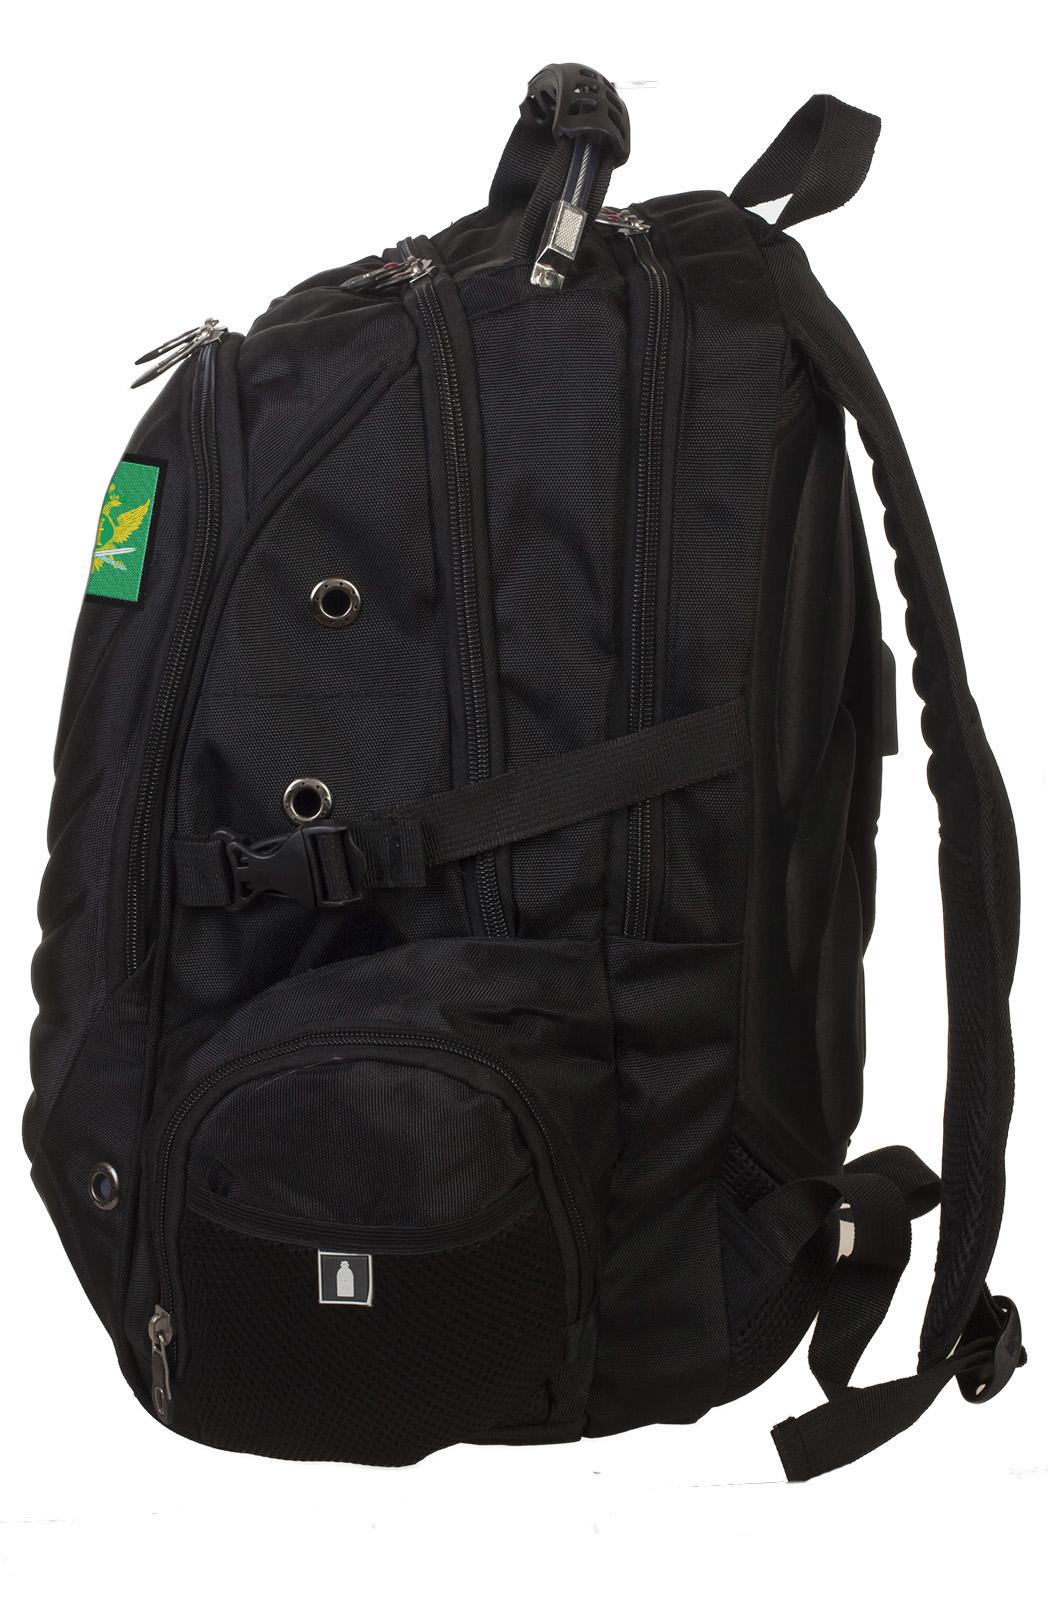 Надежный вместительный рюкзак с нашивкой ФССП - заказать в розницу